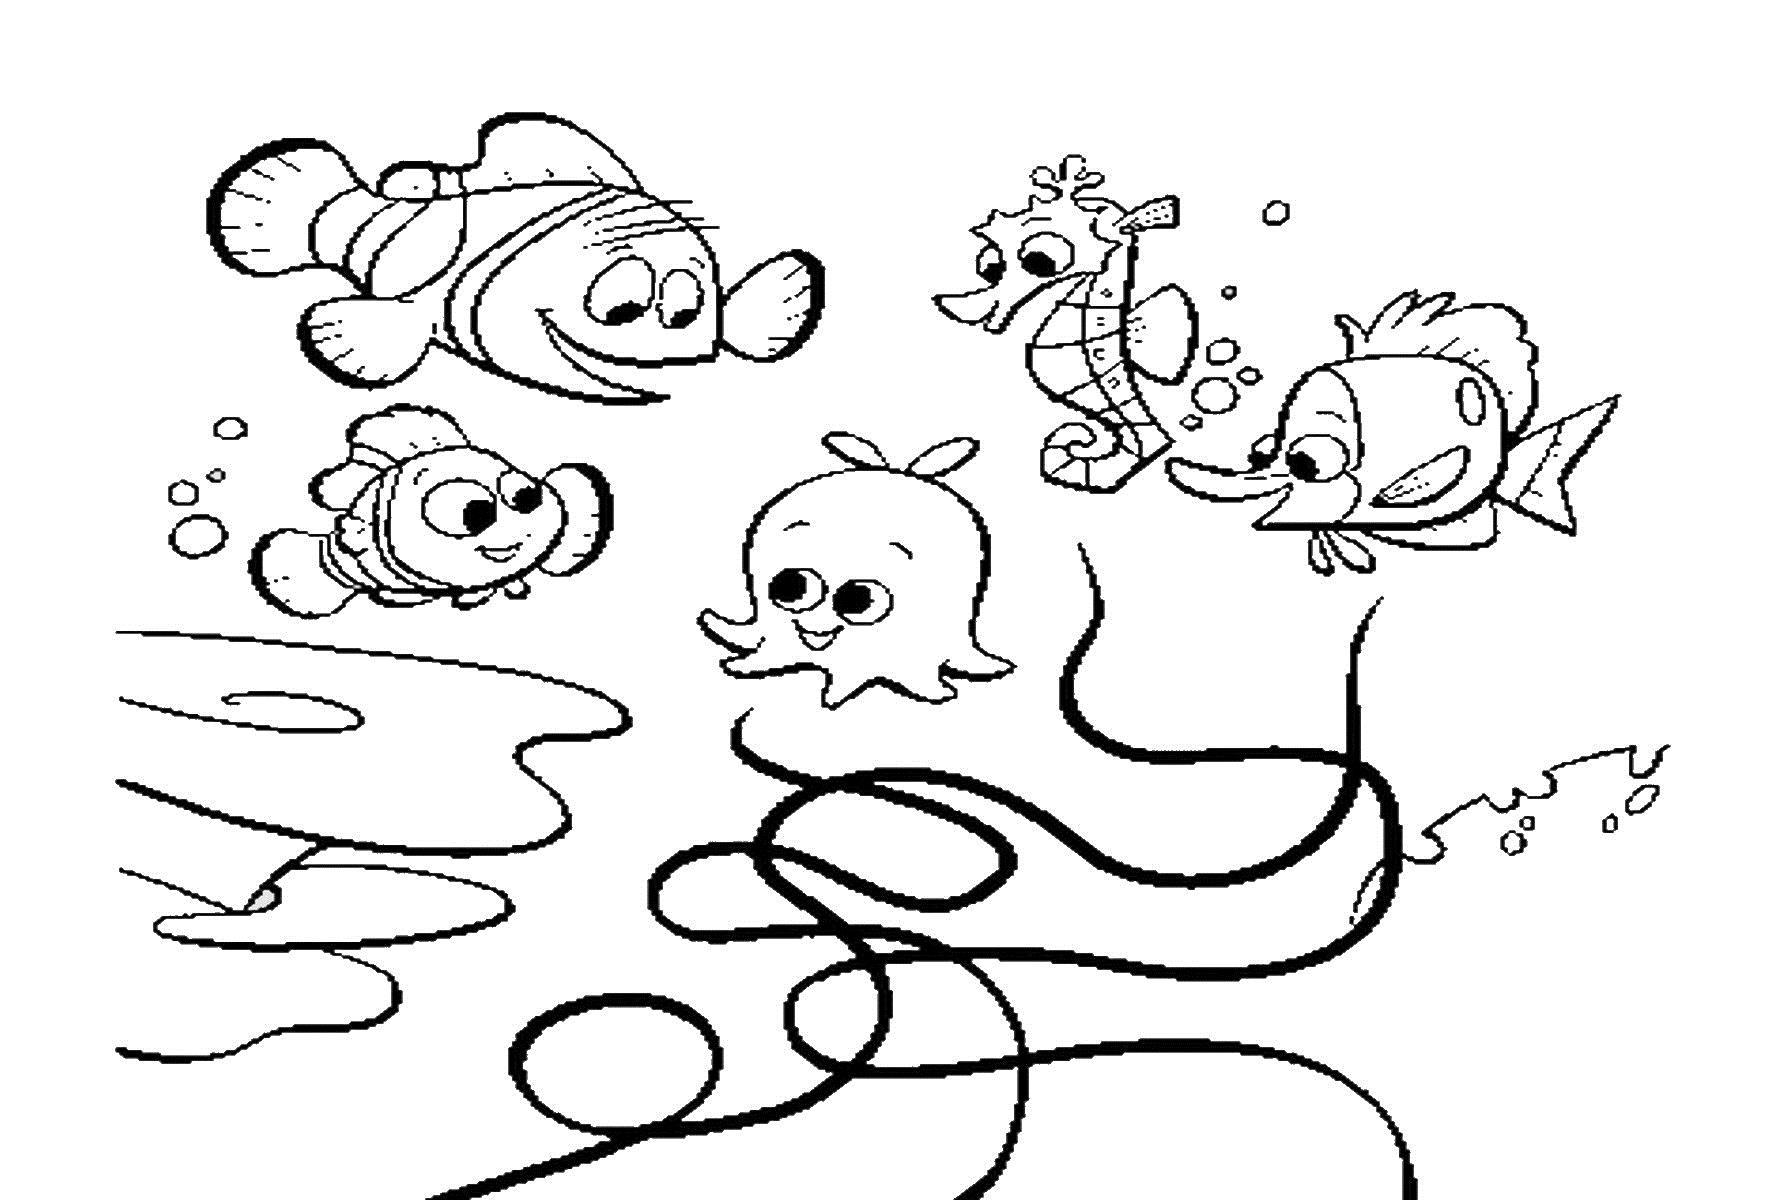 Рыбки, морской конек, медуза Раскраски для девочек распечатать